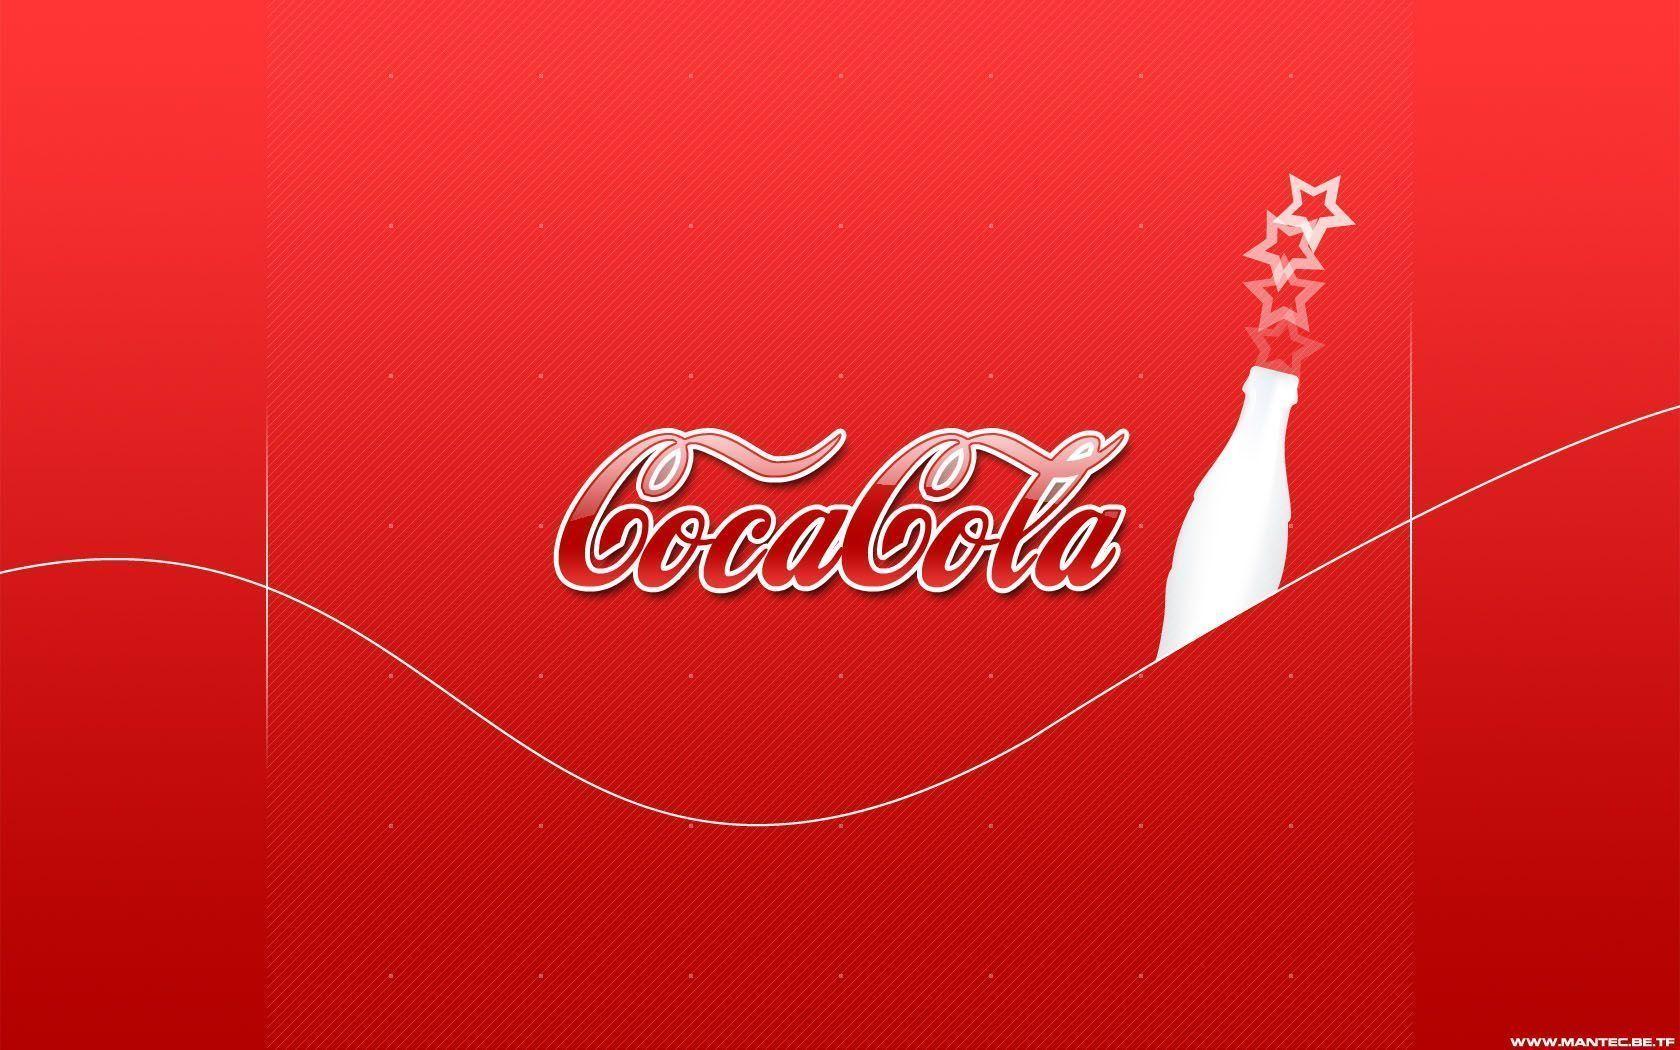 Coca-cola такая разная что же это? *_